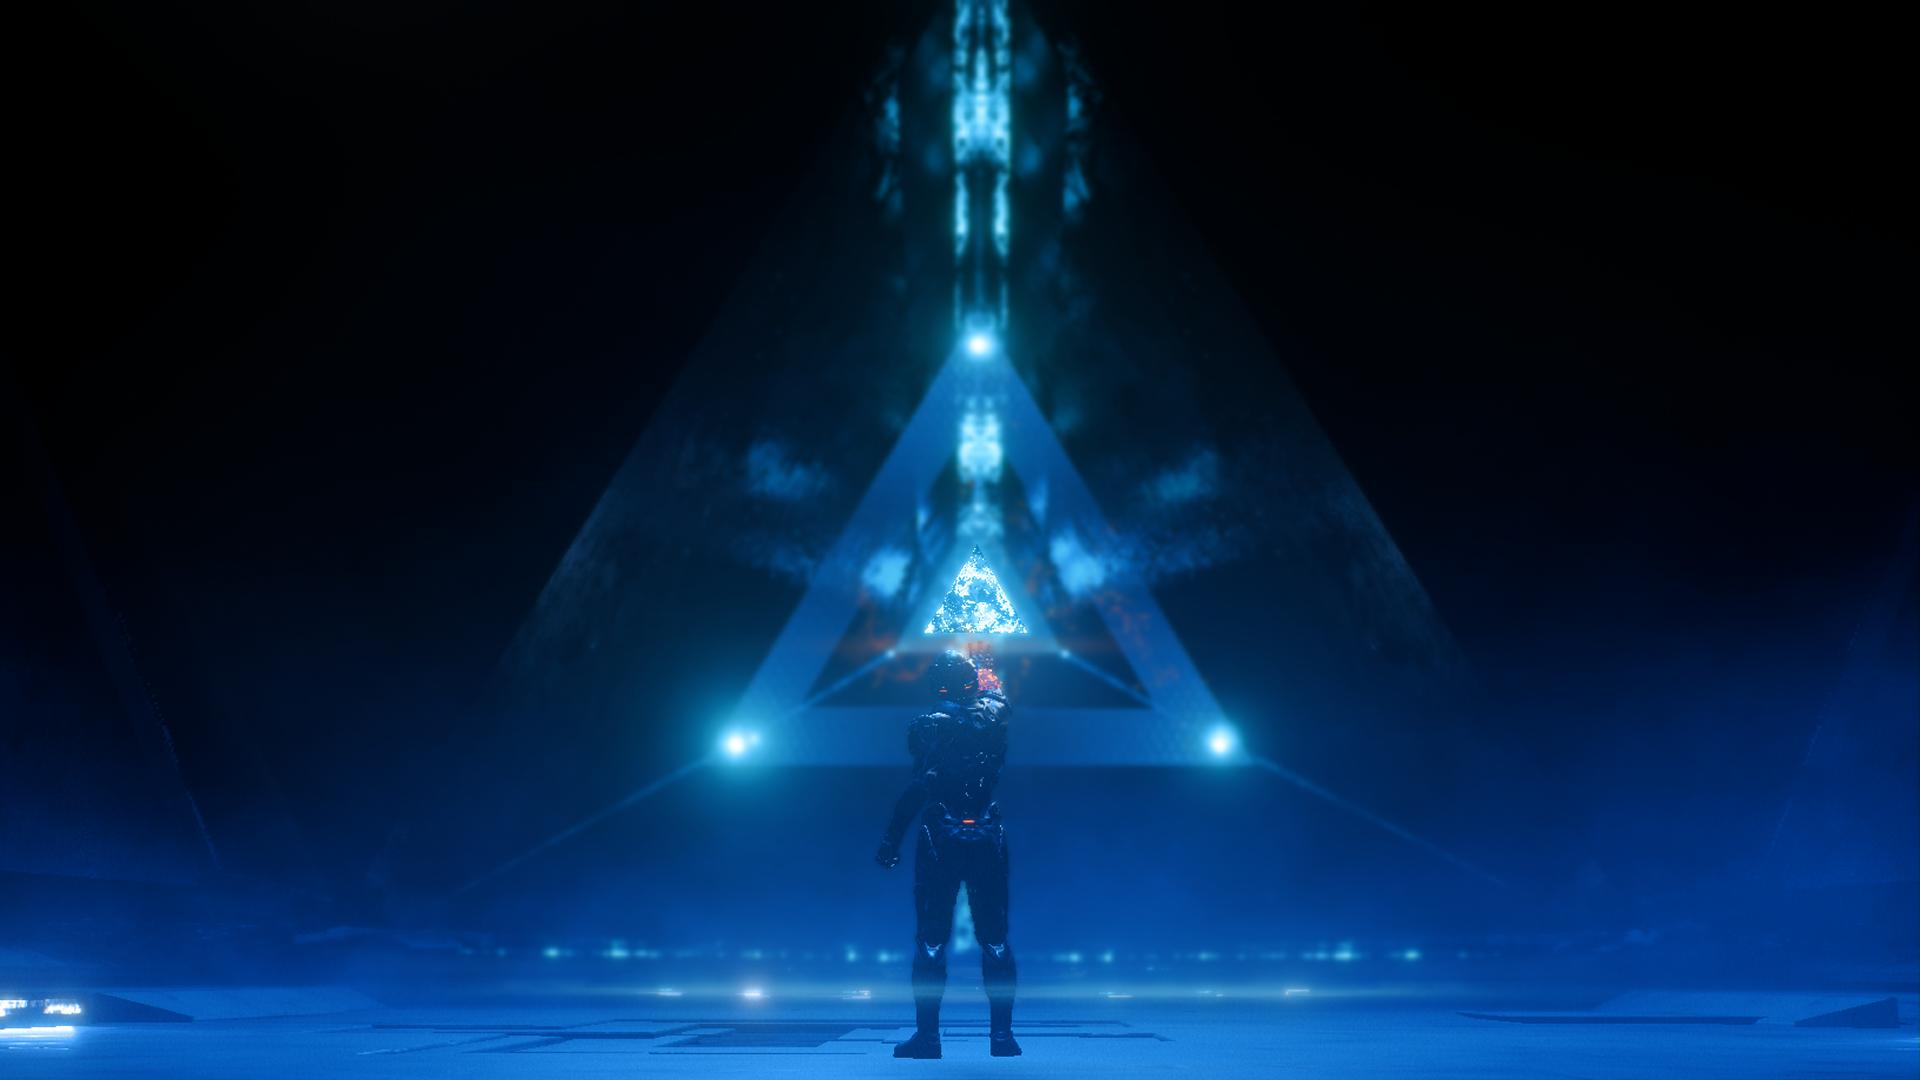 Wallpaper Mass Effect Andromeda Mass Effect 1920x1080